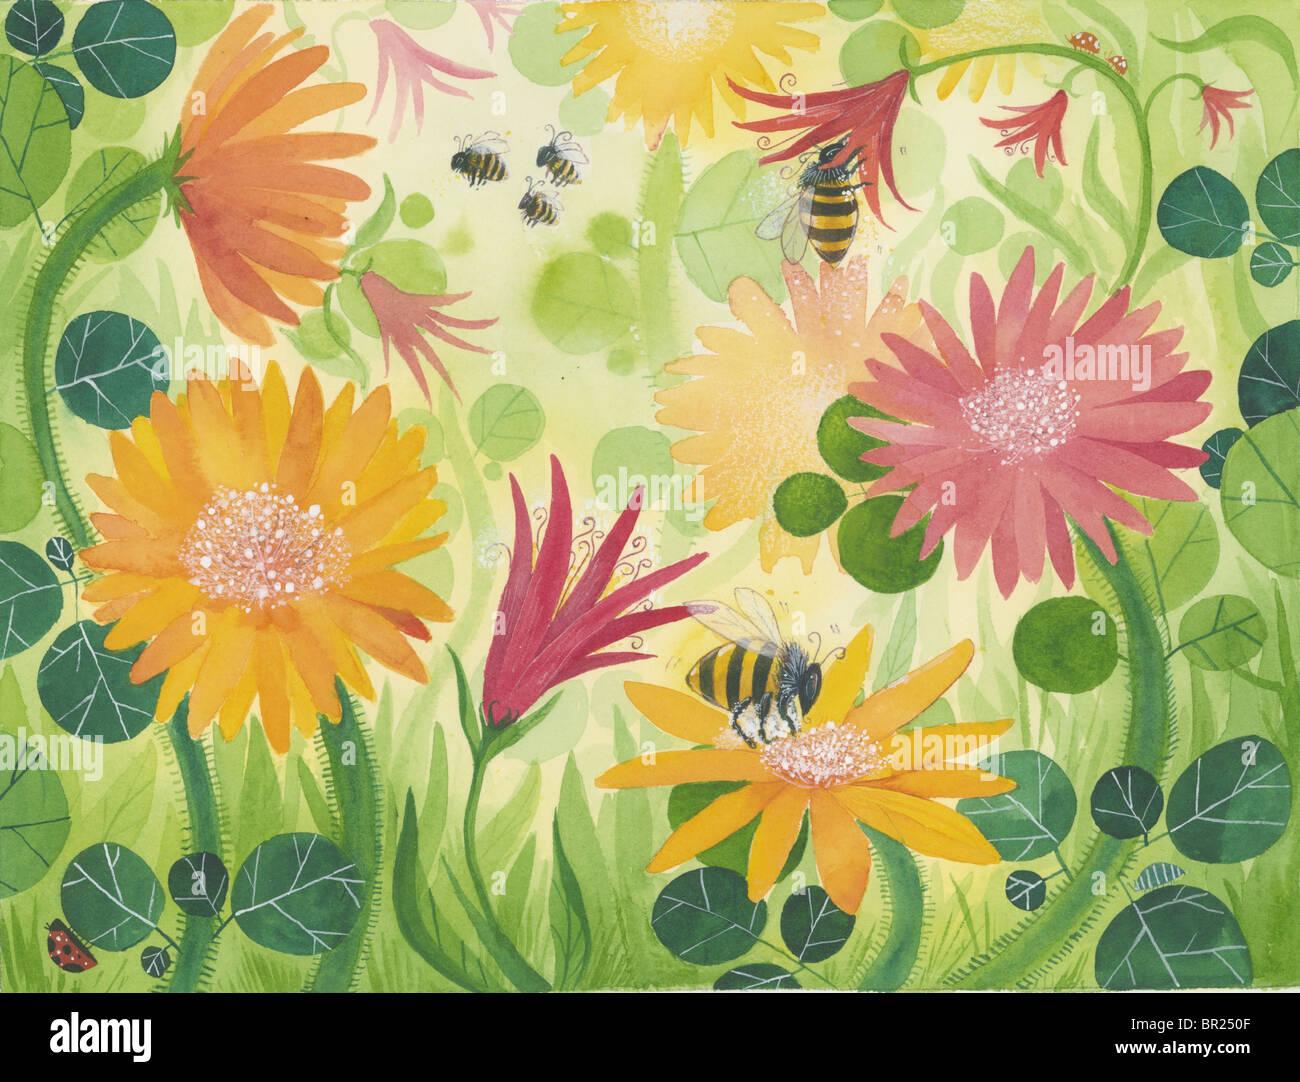 Ein Bild von Frühlingsblumen mit Bienen Stockbild